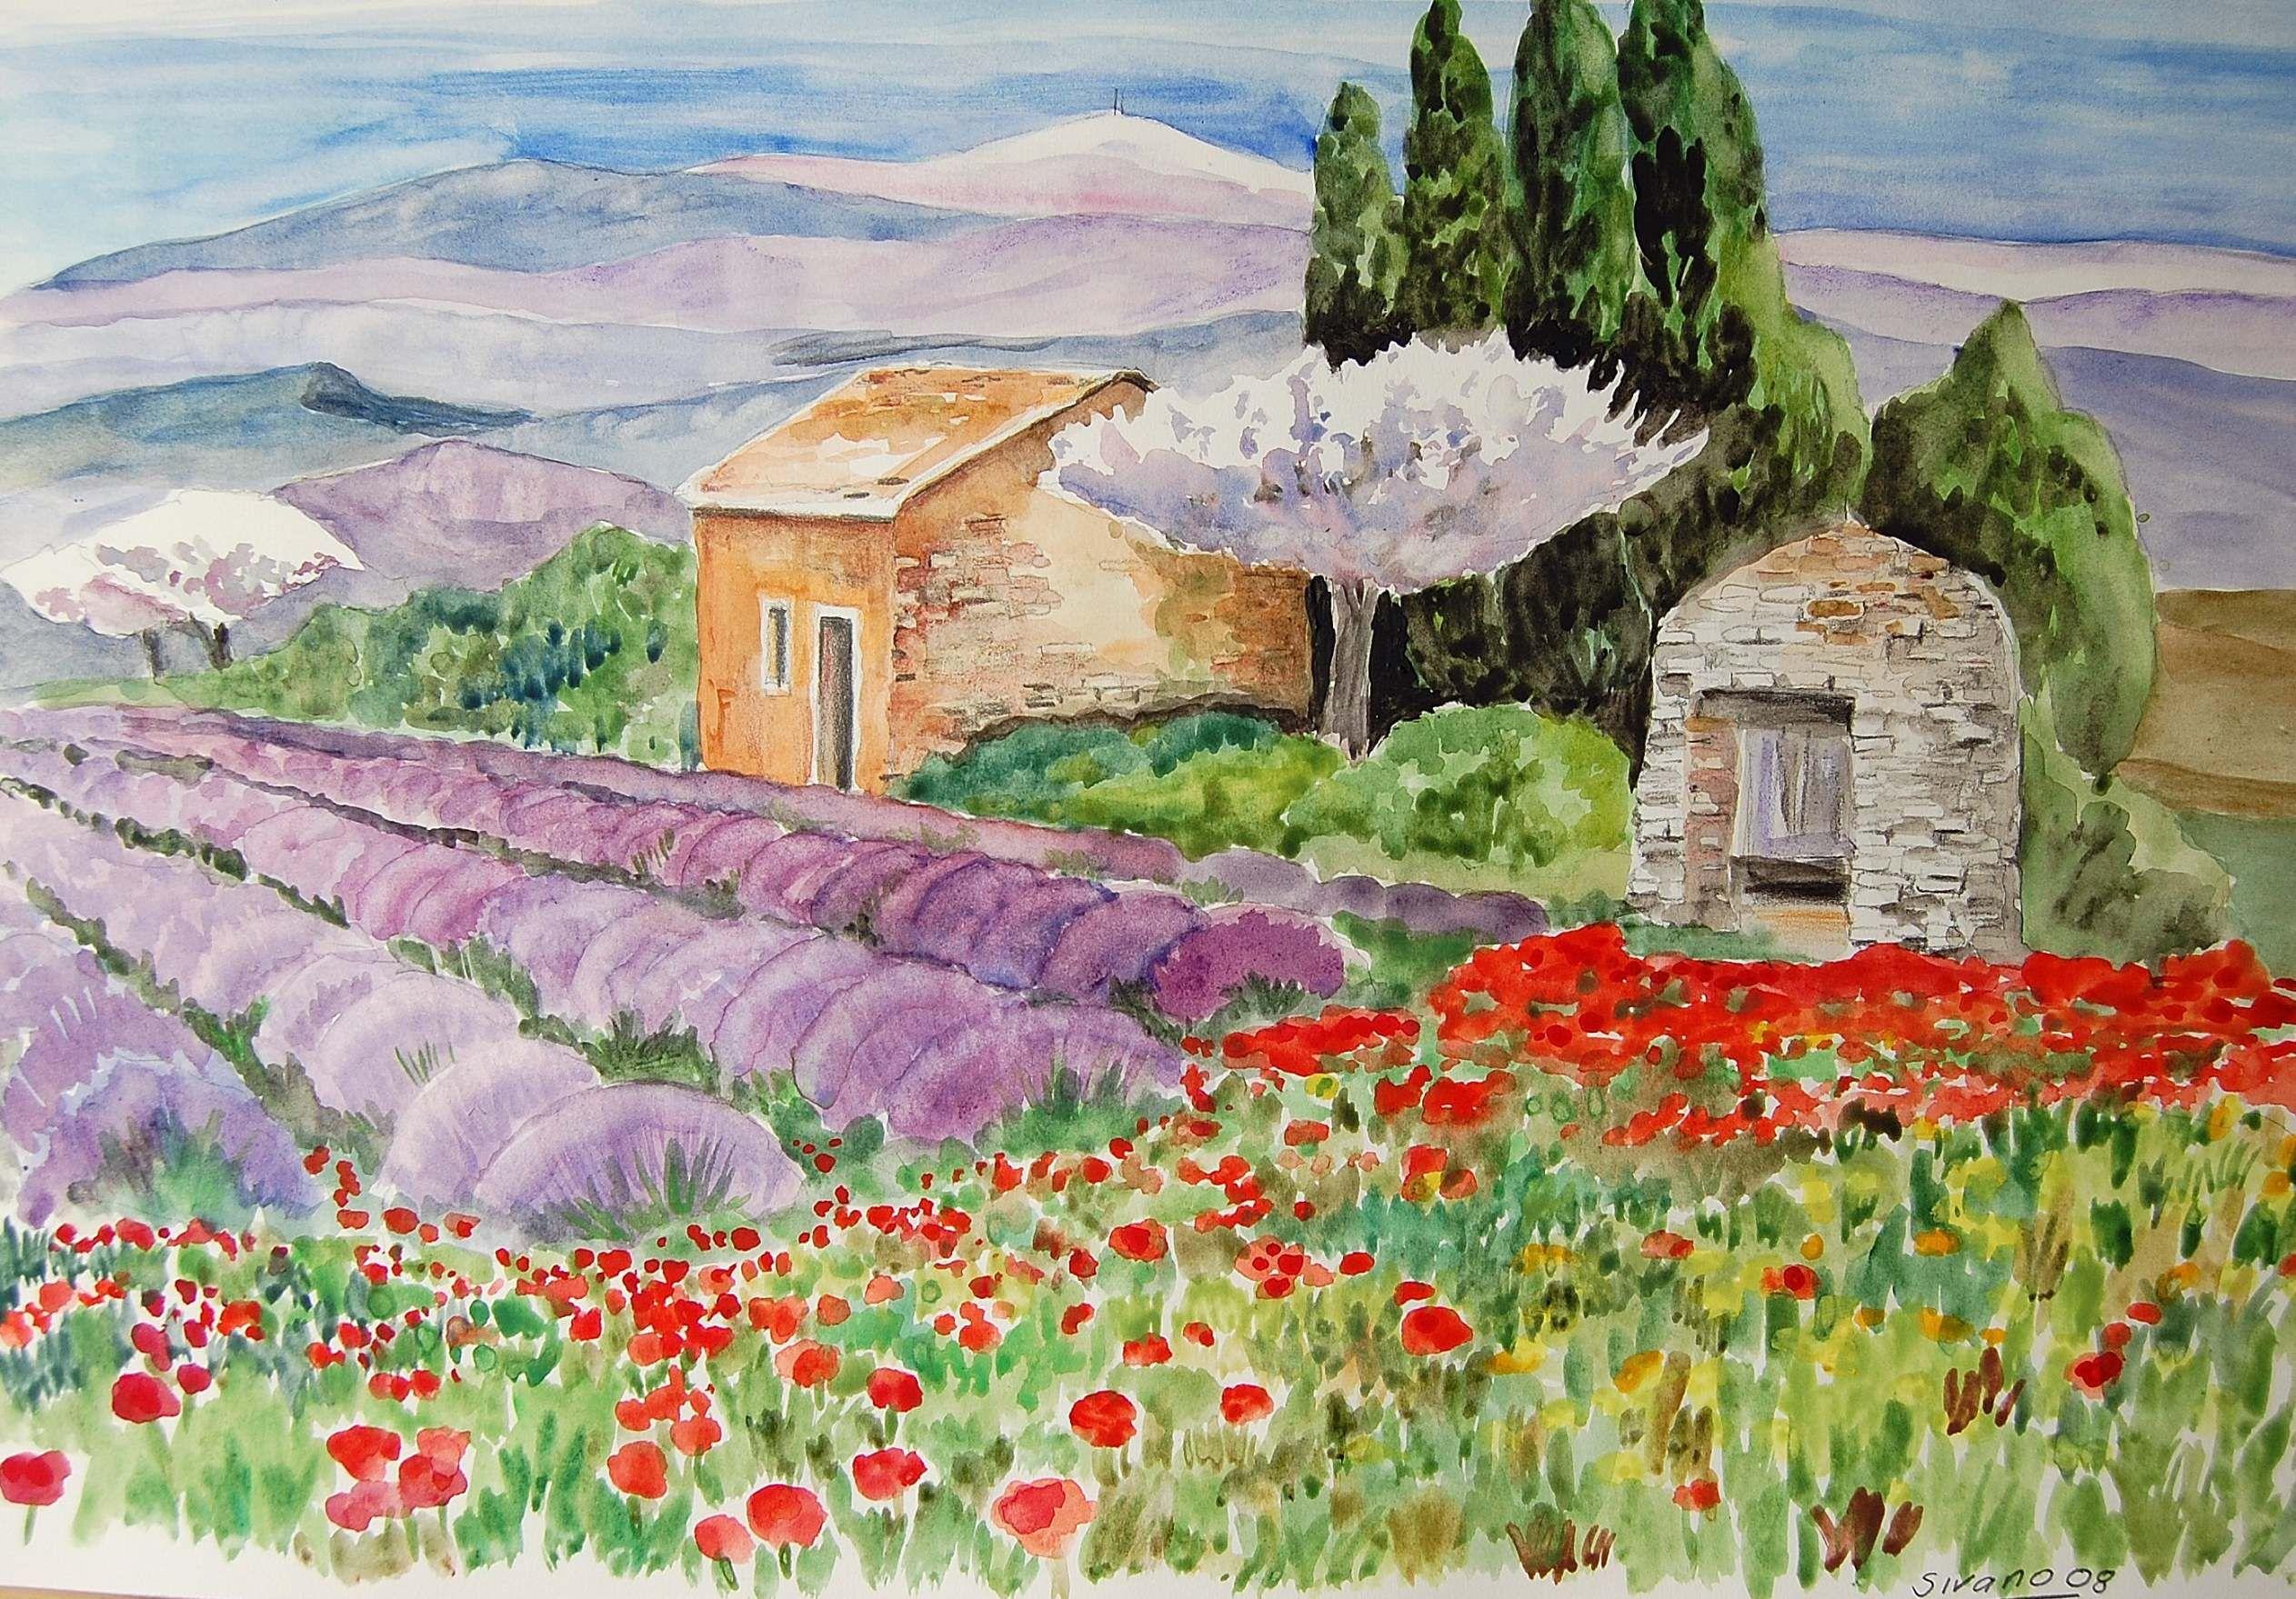 paysage de provence view pinterest paysage de provence provence et paysages. Black Bedroom Furniture Sets. Home Design Ideas